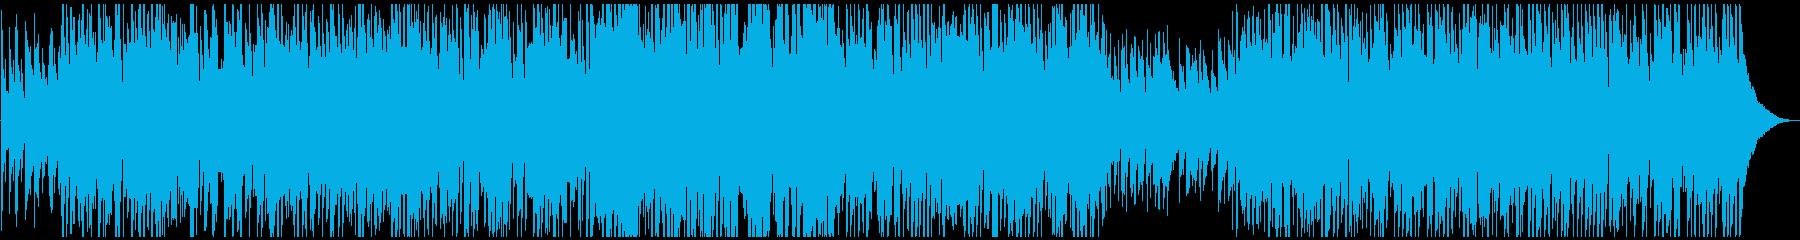 ジャズアレンジのクリスマスクラシックの再生済みの波形